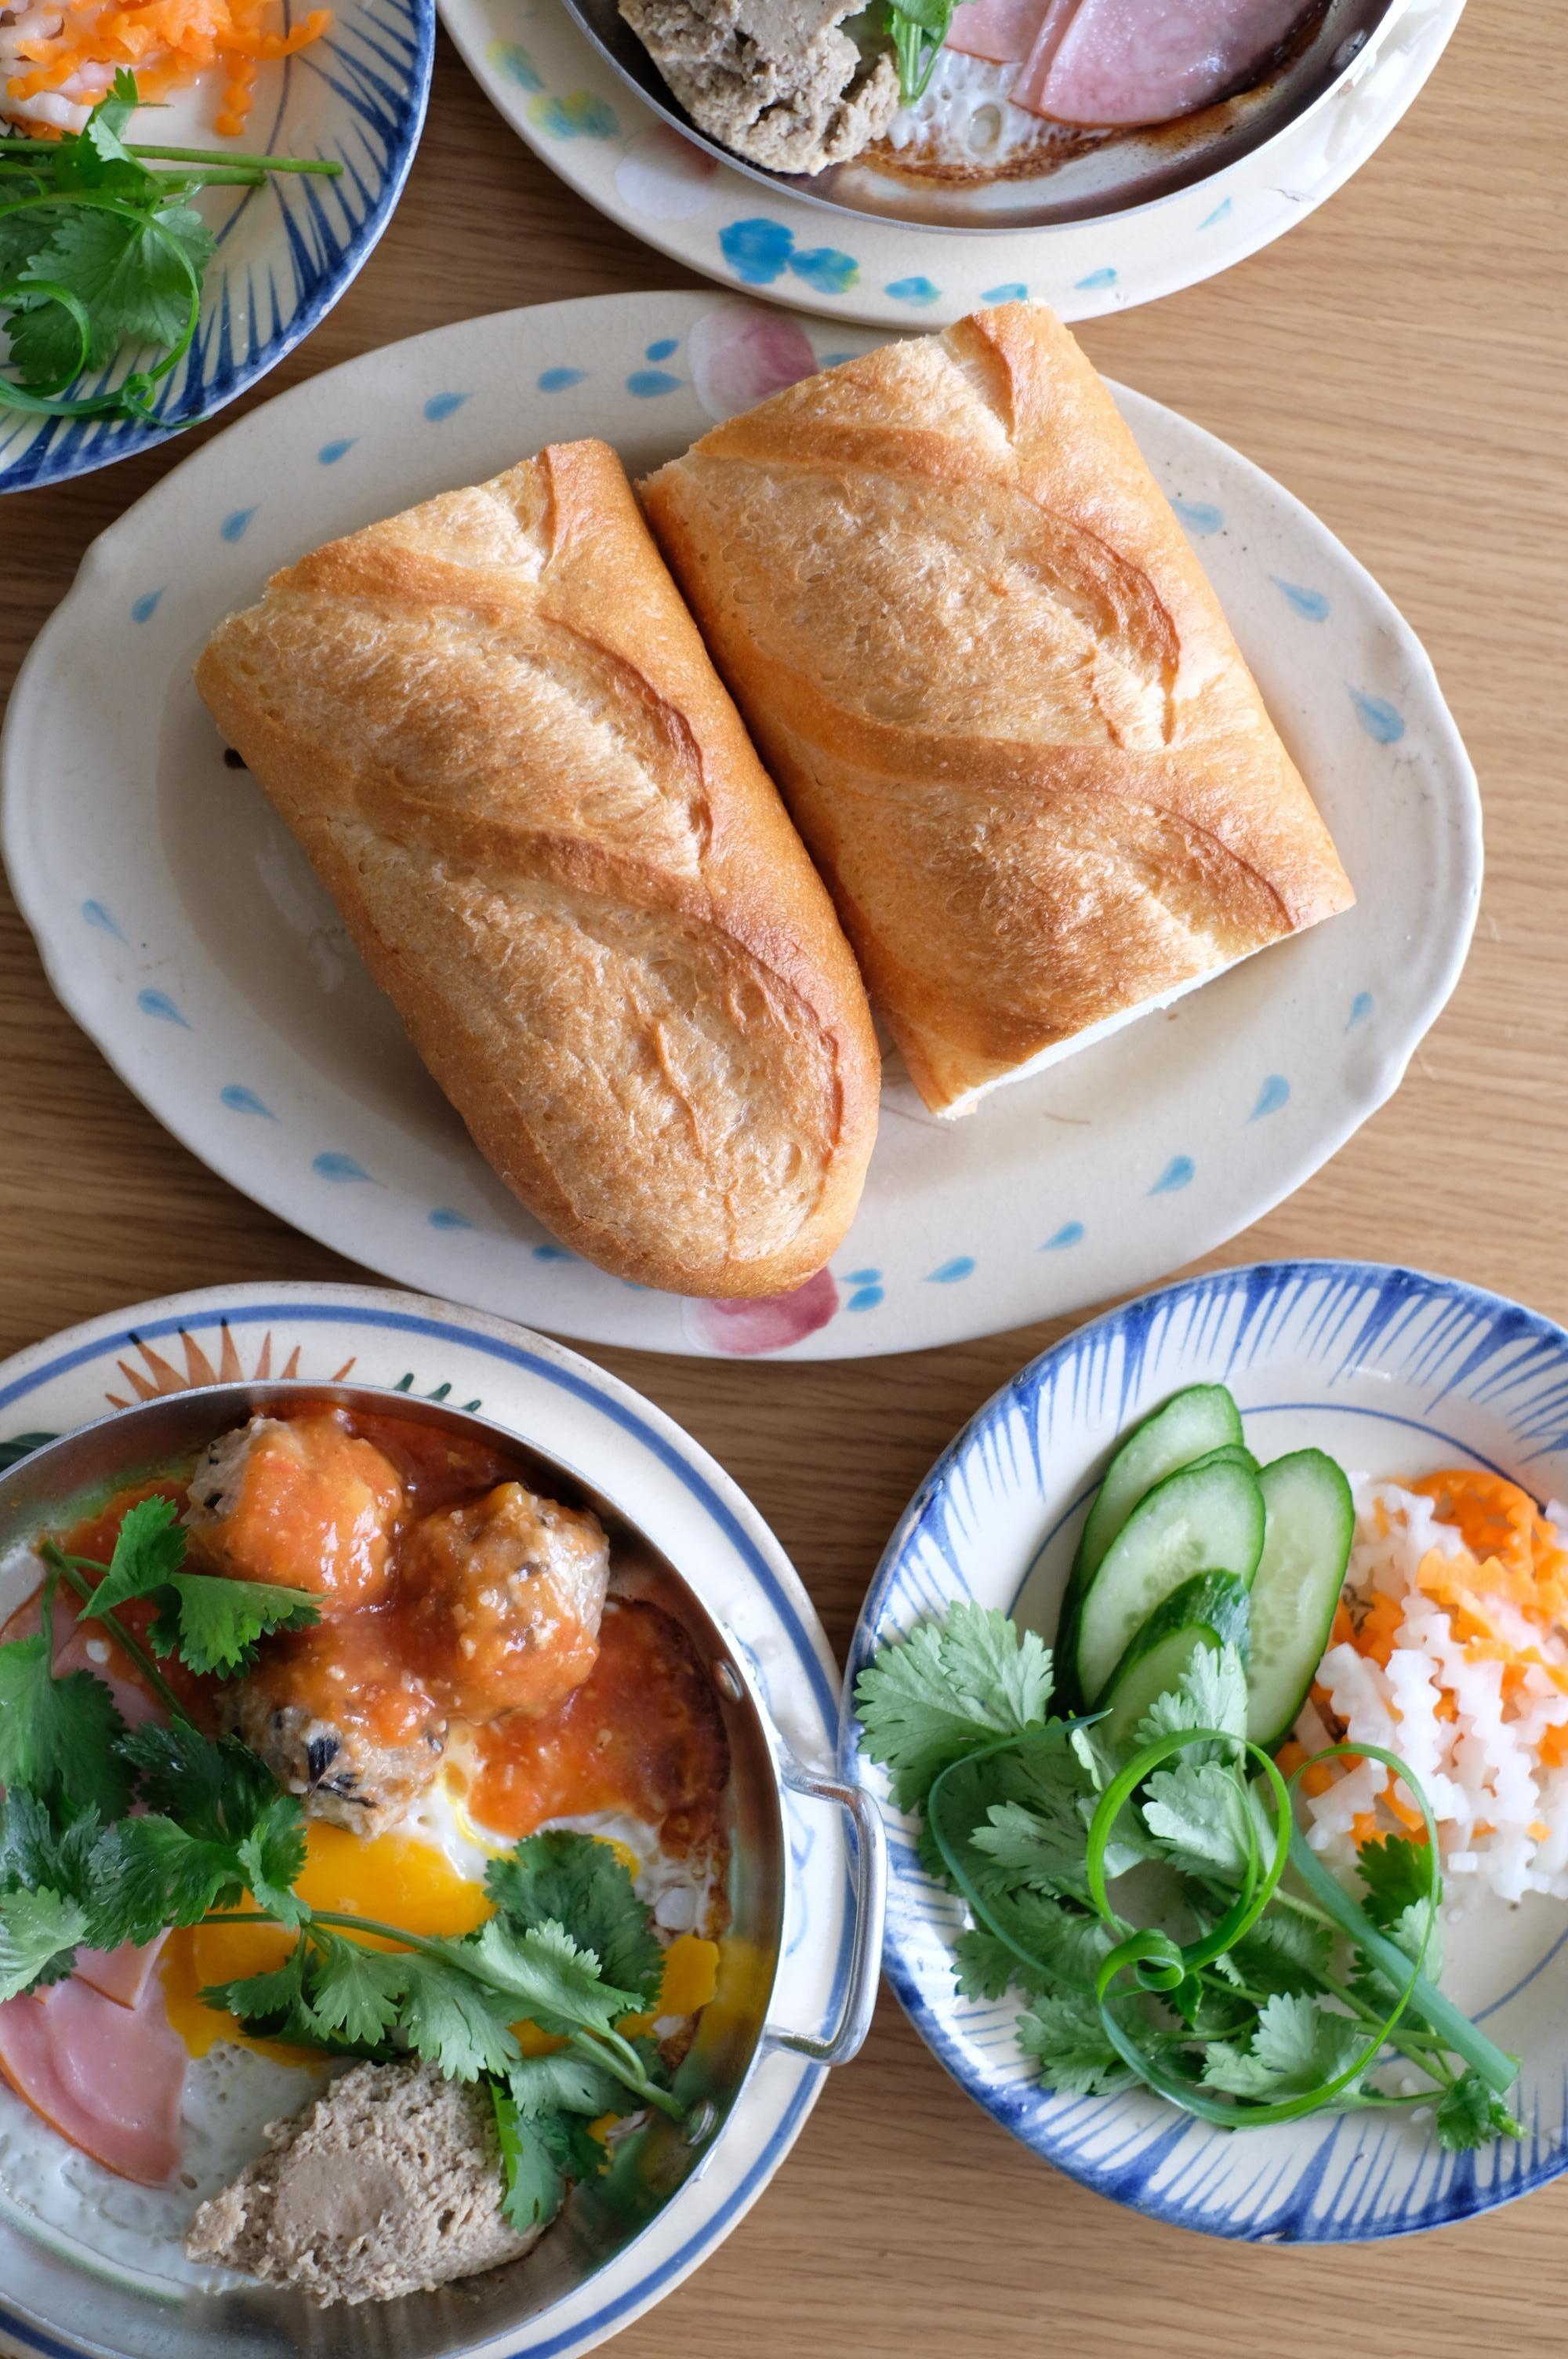 豚ヒレ肉のプルーン煮込みのレシピ、作り方(ナガハマ ユキ